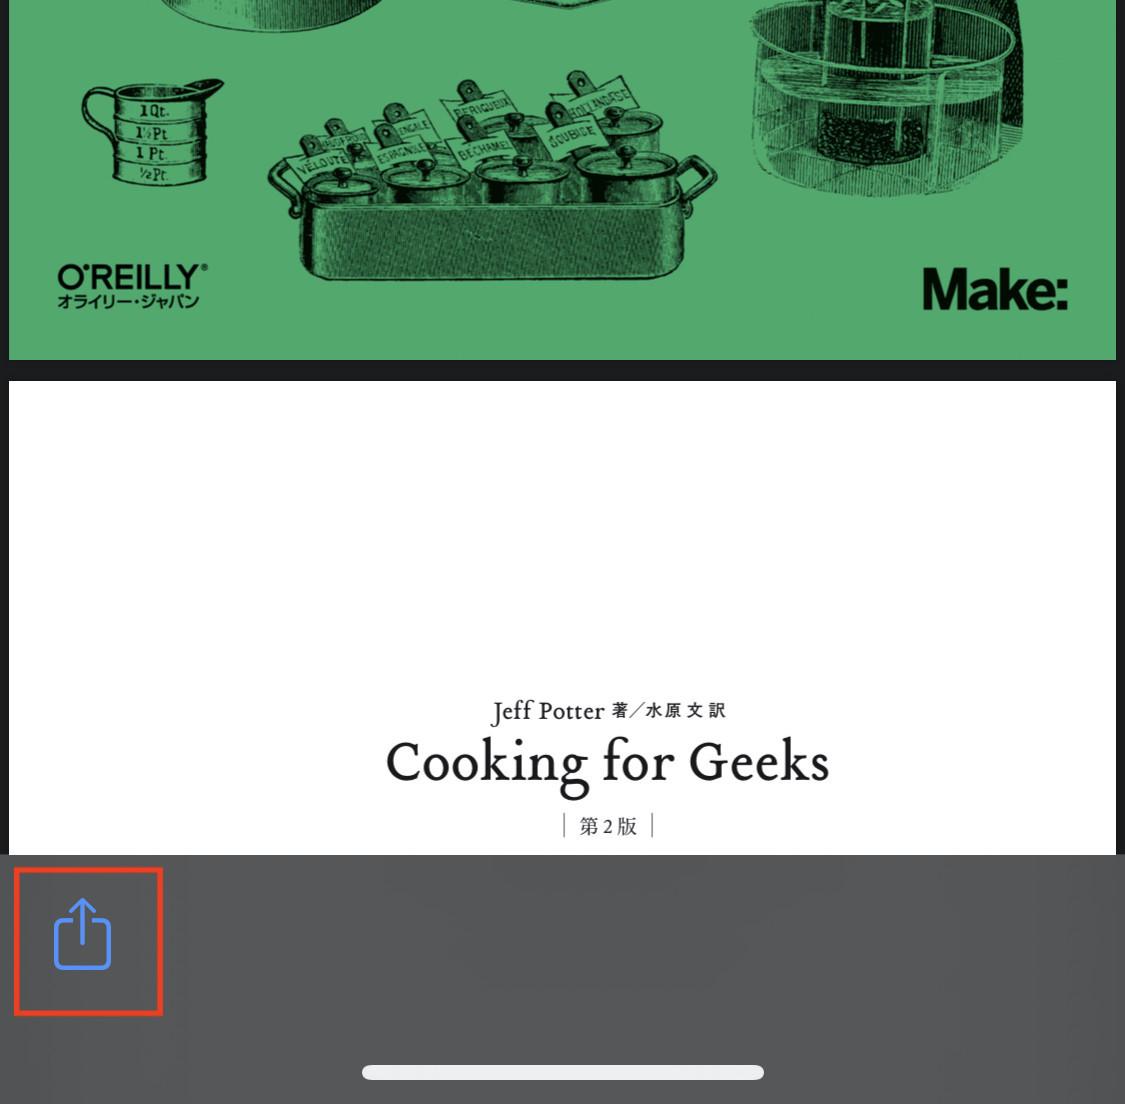 PDFプレビュー画面の左下のスクリーンショット。四角形を内側から突き破っているような上向きの矢印のアイコンがうつっていて赤枠で強調している。